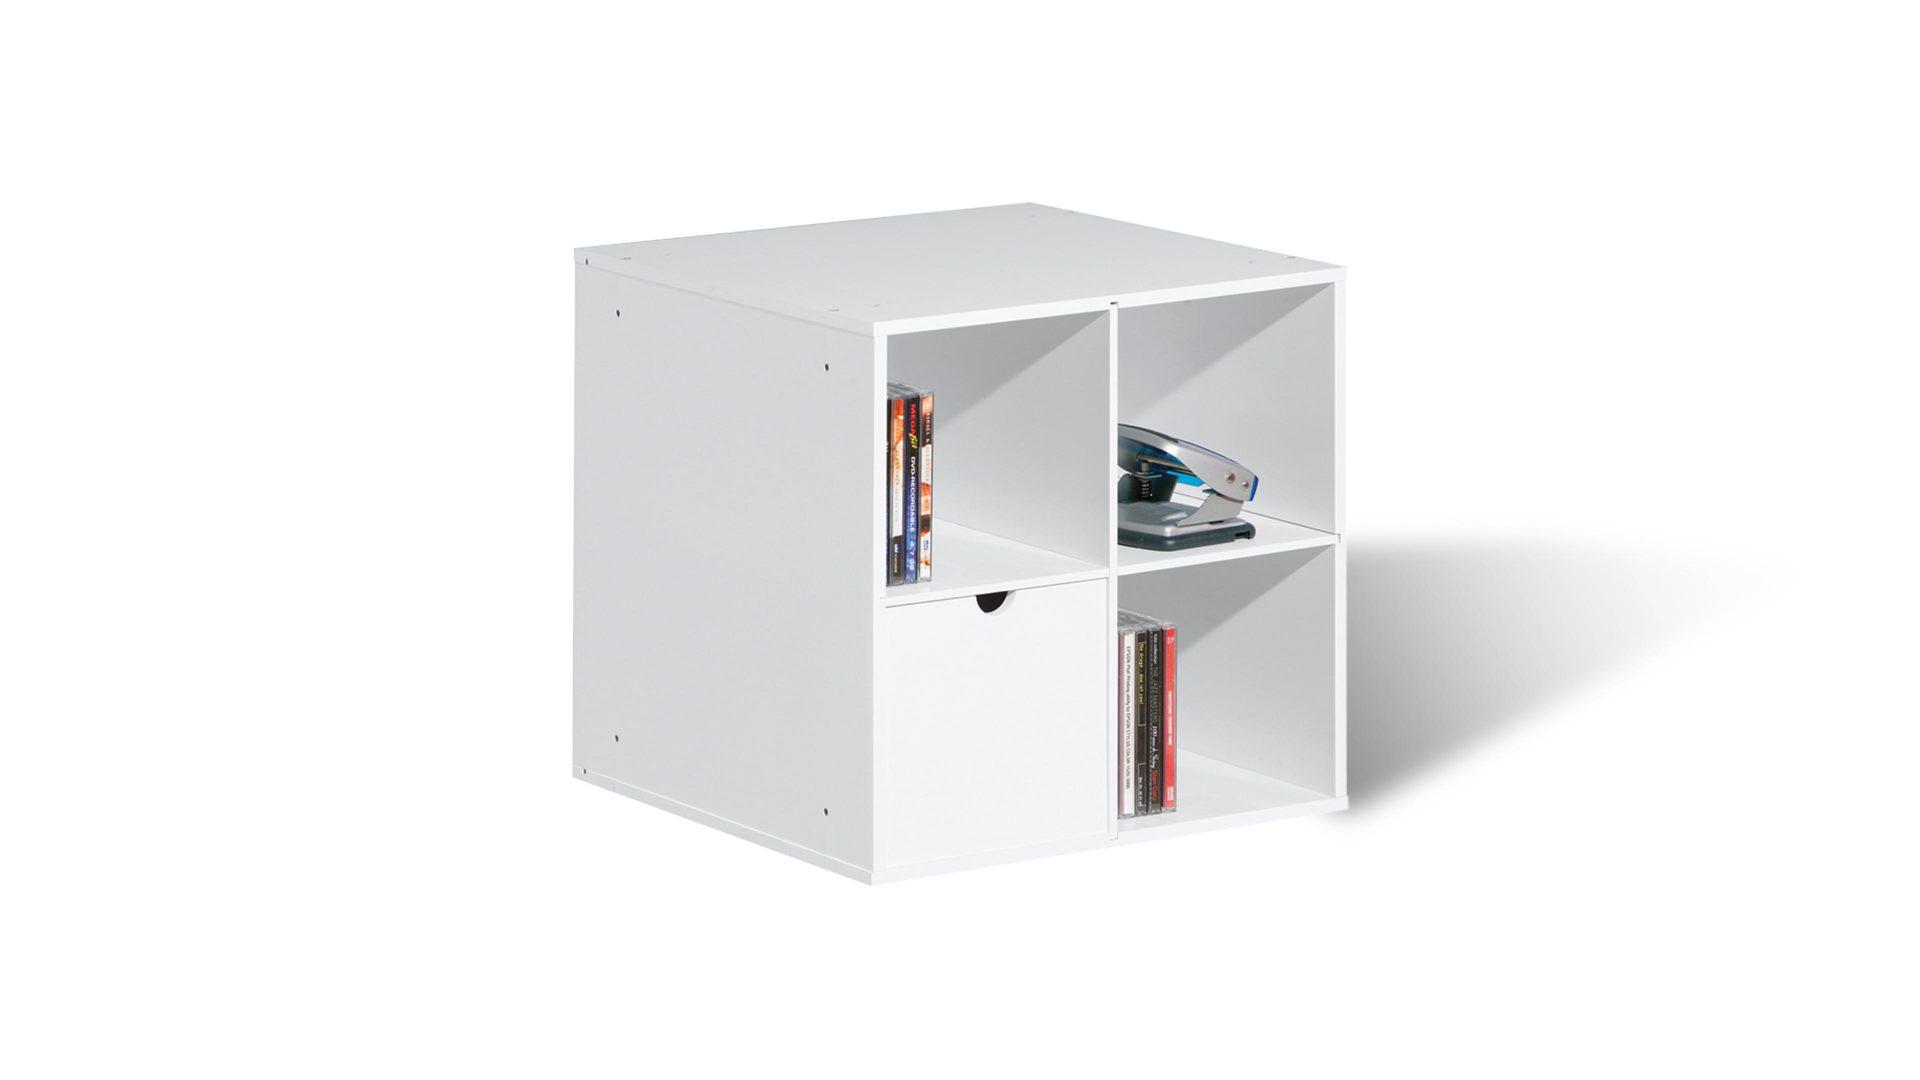 Aufbewahrungsbox Cm117 Als Kleinmobel Weisse Kunststoffoberflache